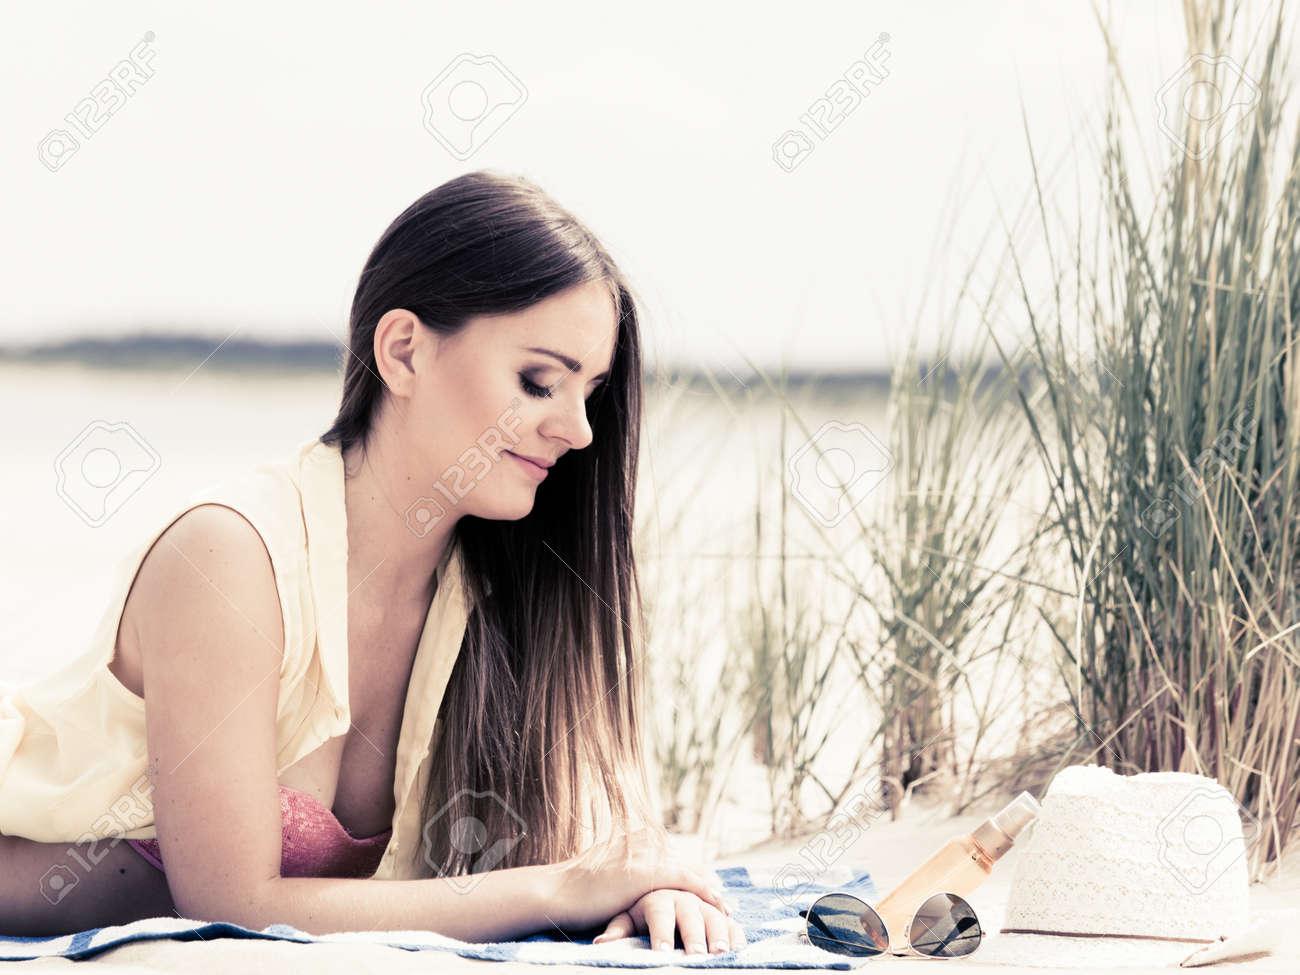 La Jolie Fille De L Air détendez-vous et loisirs. jeune femme de repos sur la plage d'été. jolie  fille bain de soleil sur l'air frais en été.